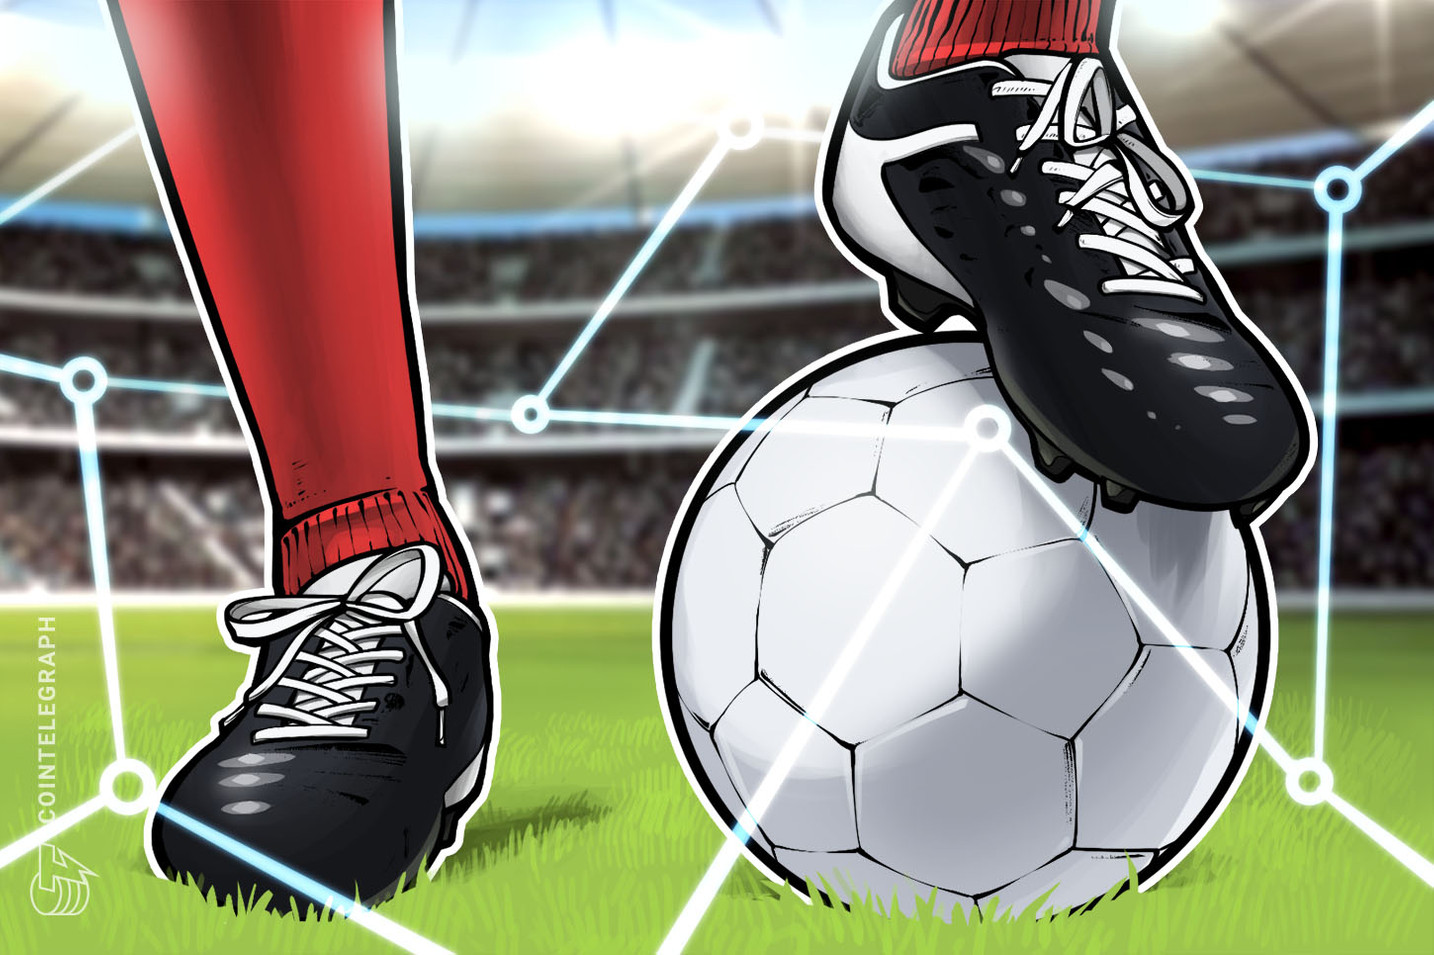 La criptoempresa holandesa Libereum adquiere el club de fútbol español Elche CF